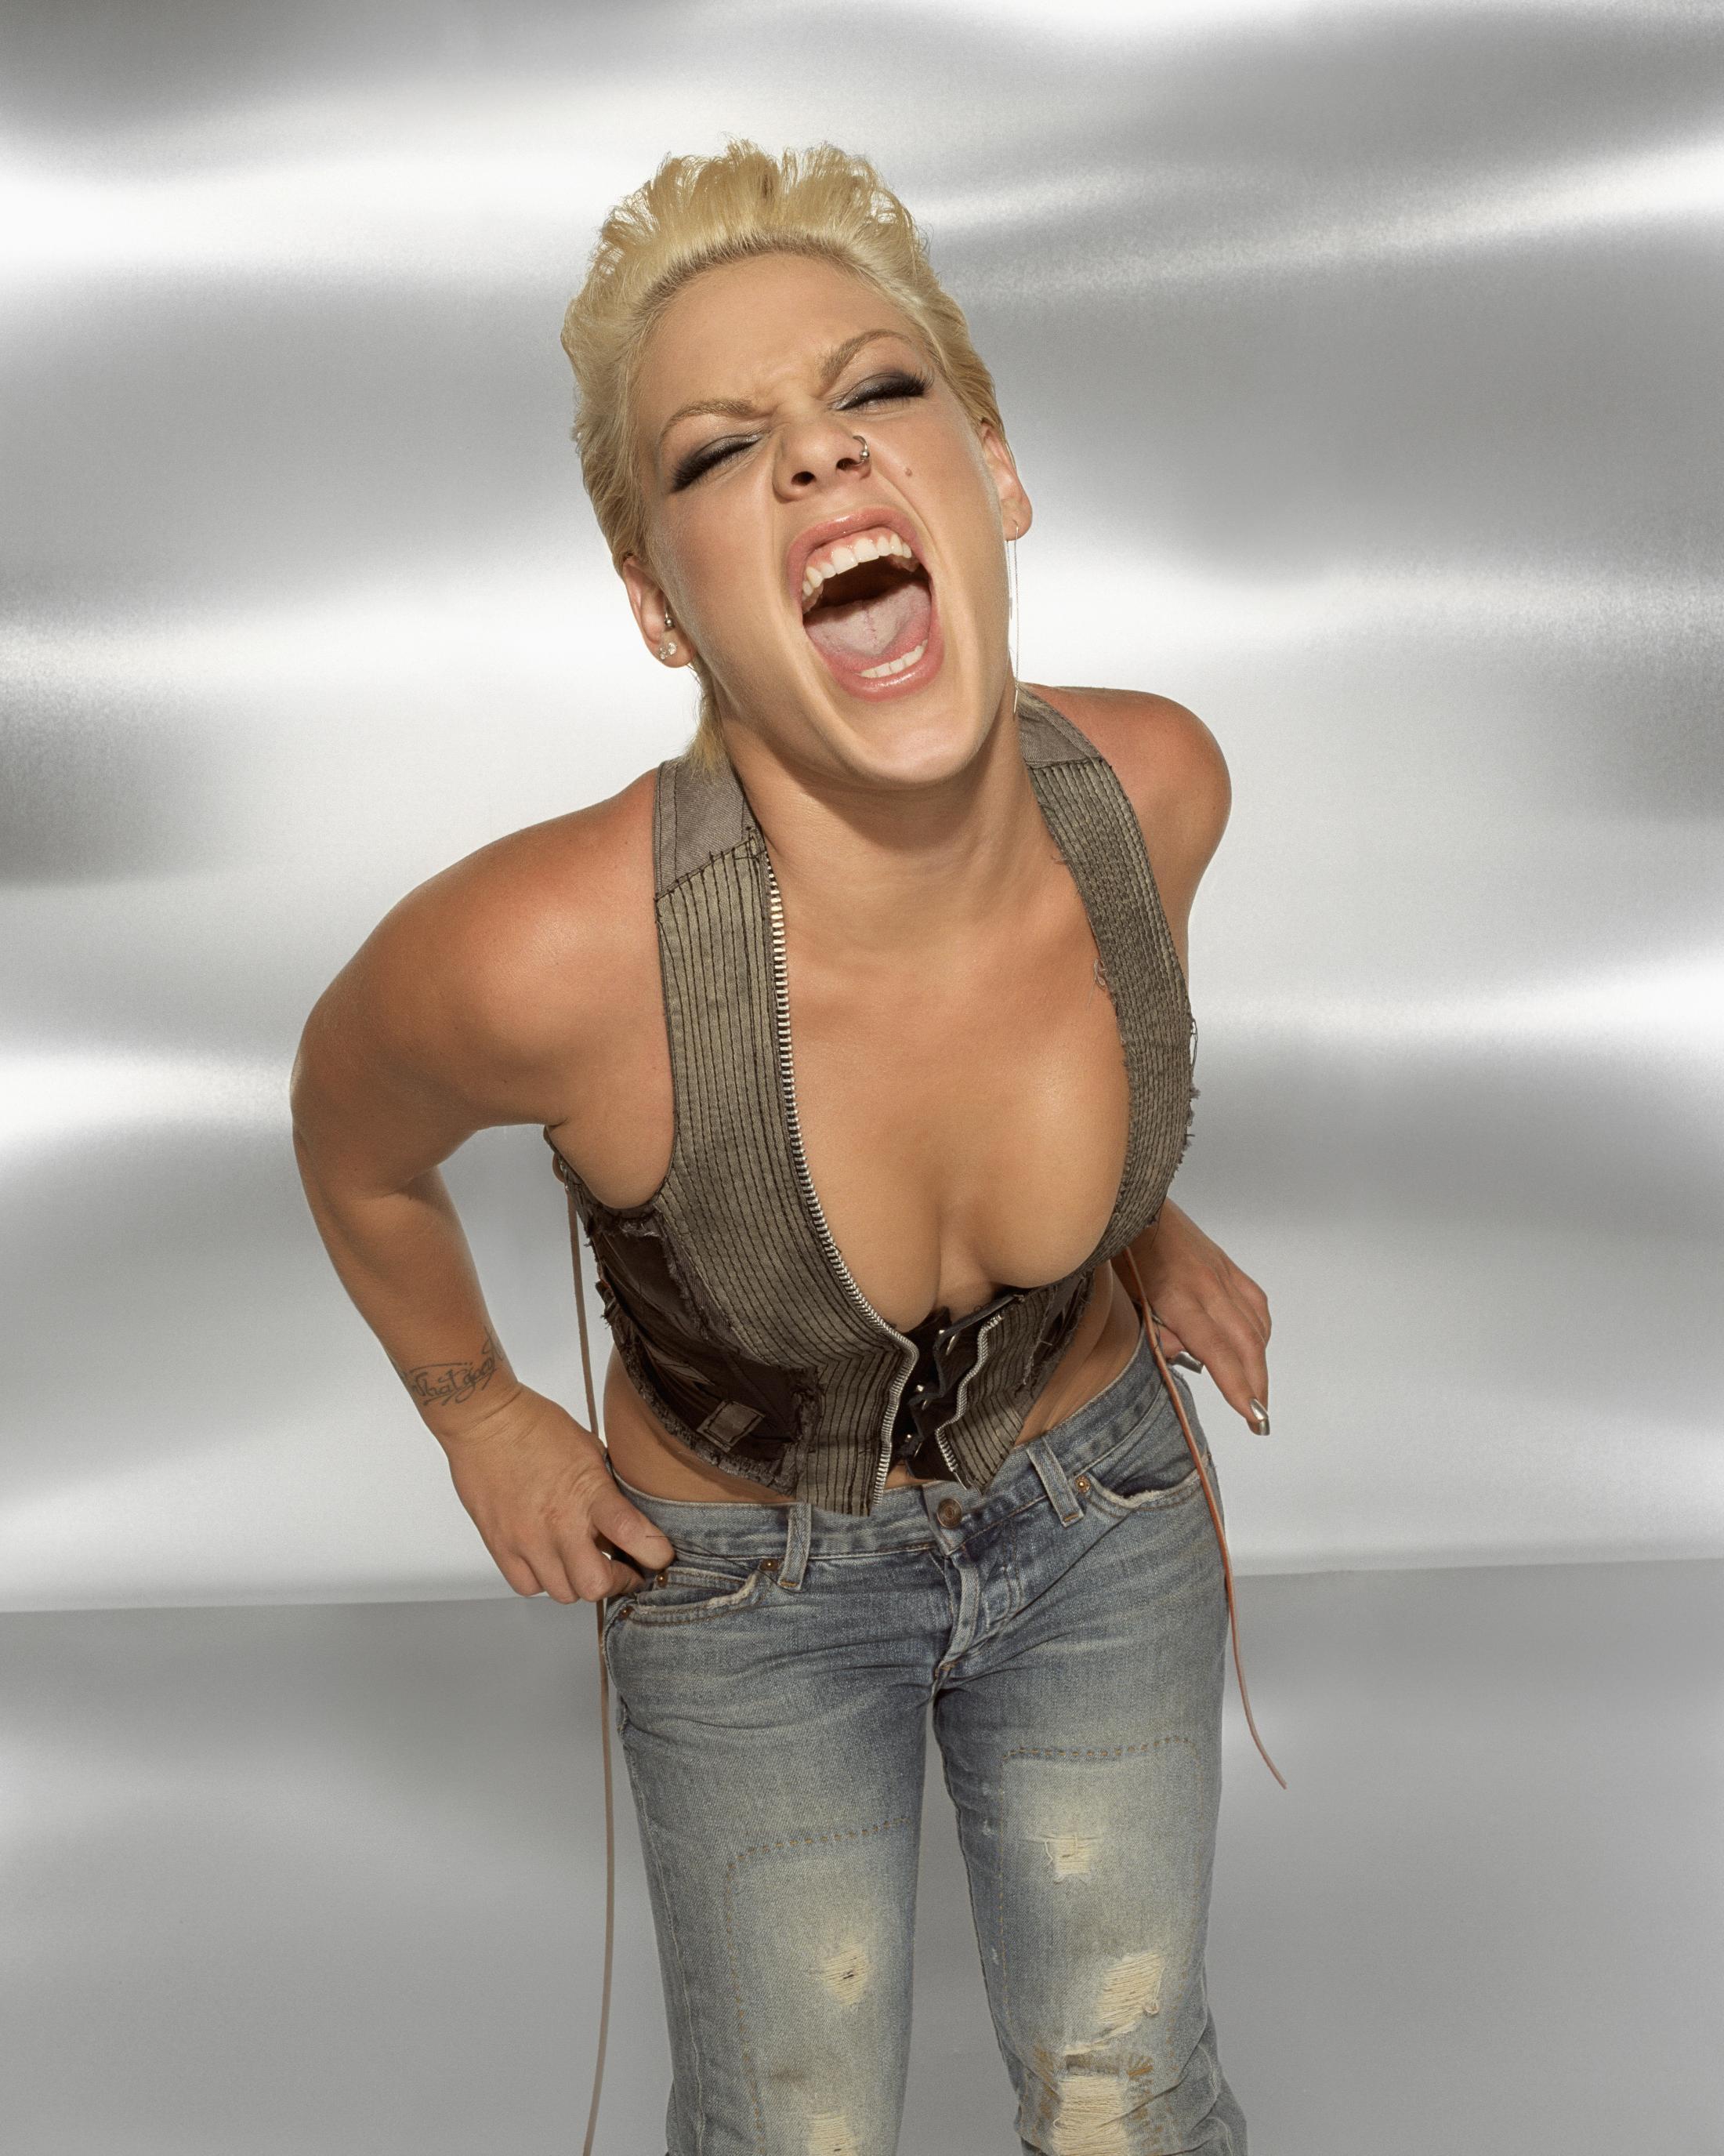 Love hewitt singer pink boobs sex